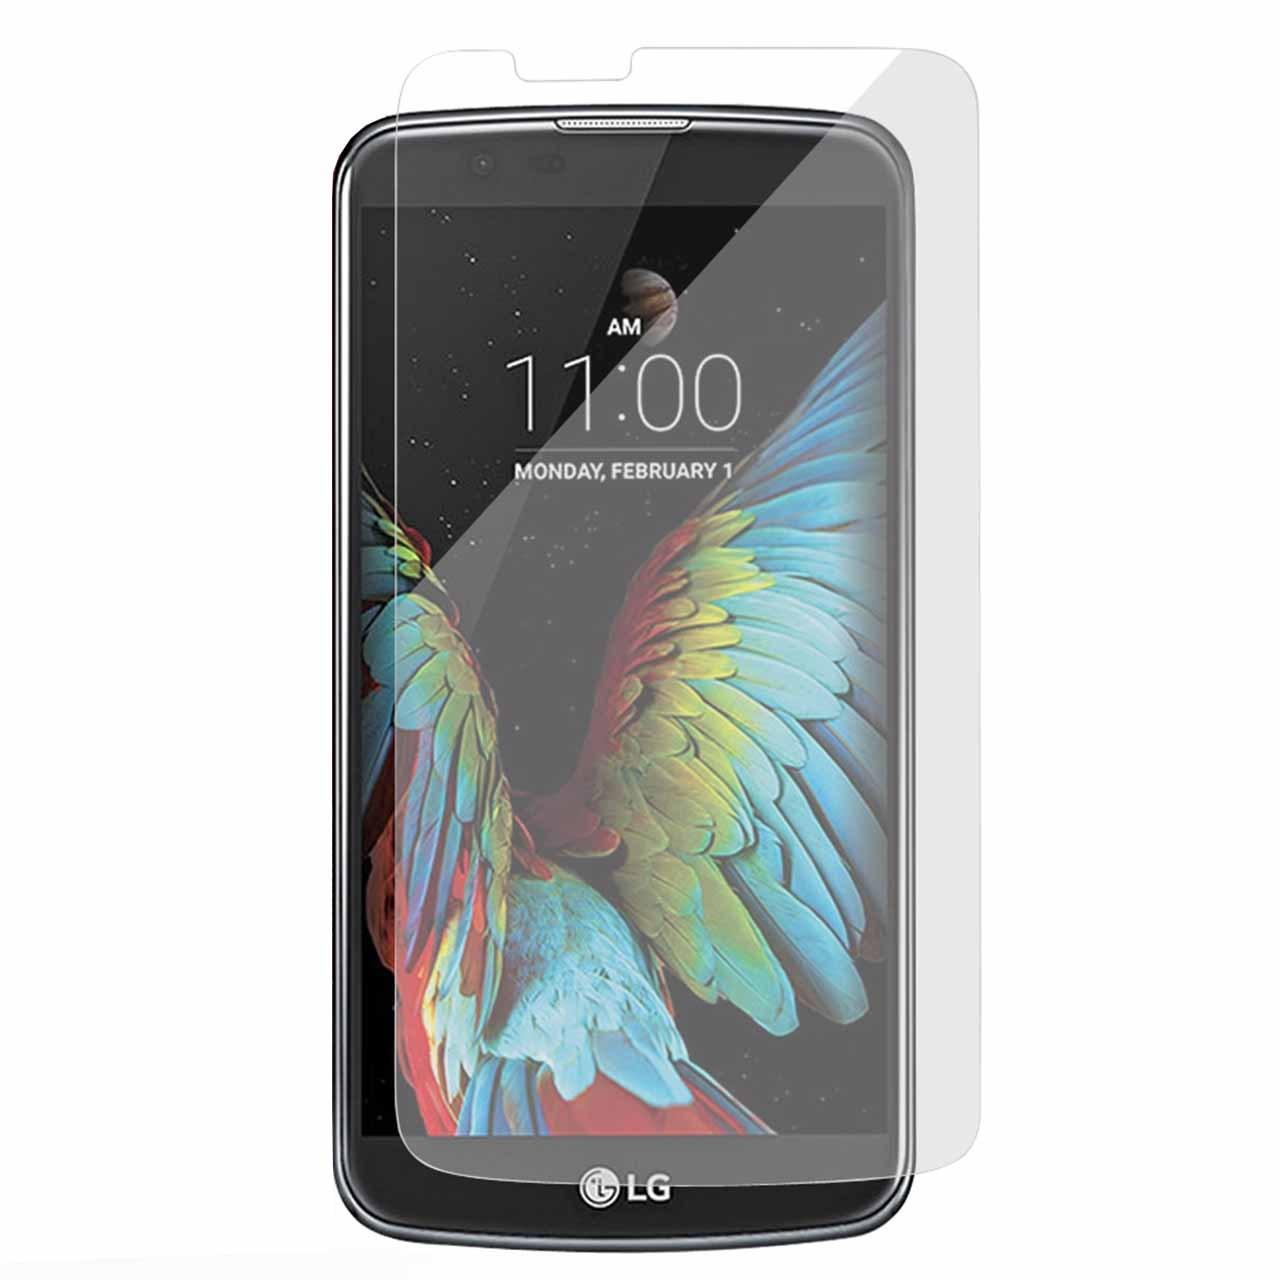 محافظ صفحه نمایش شیشه ای 9 اچ مناسب برای گوشی LG K10